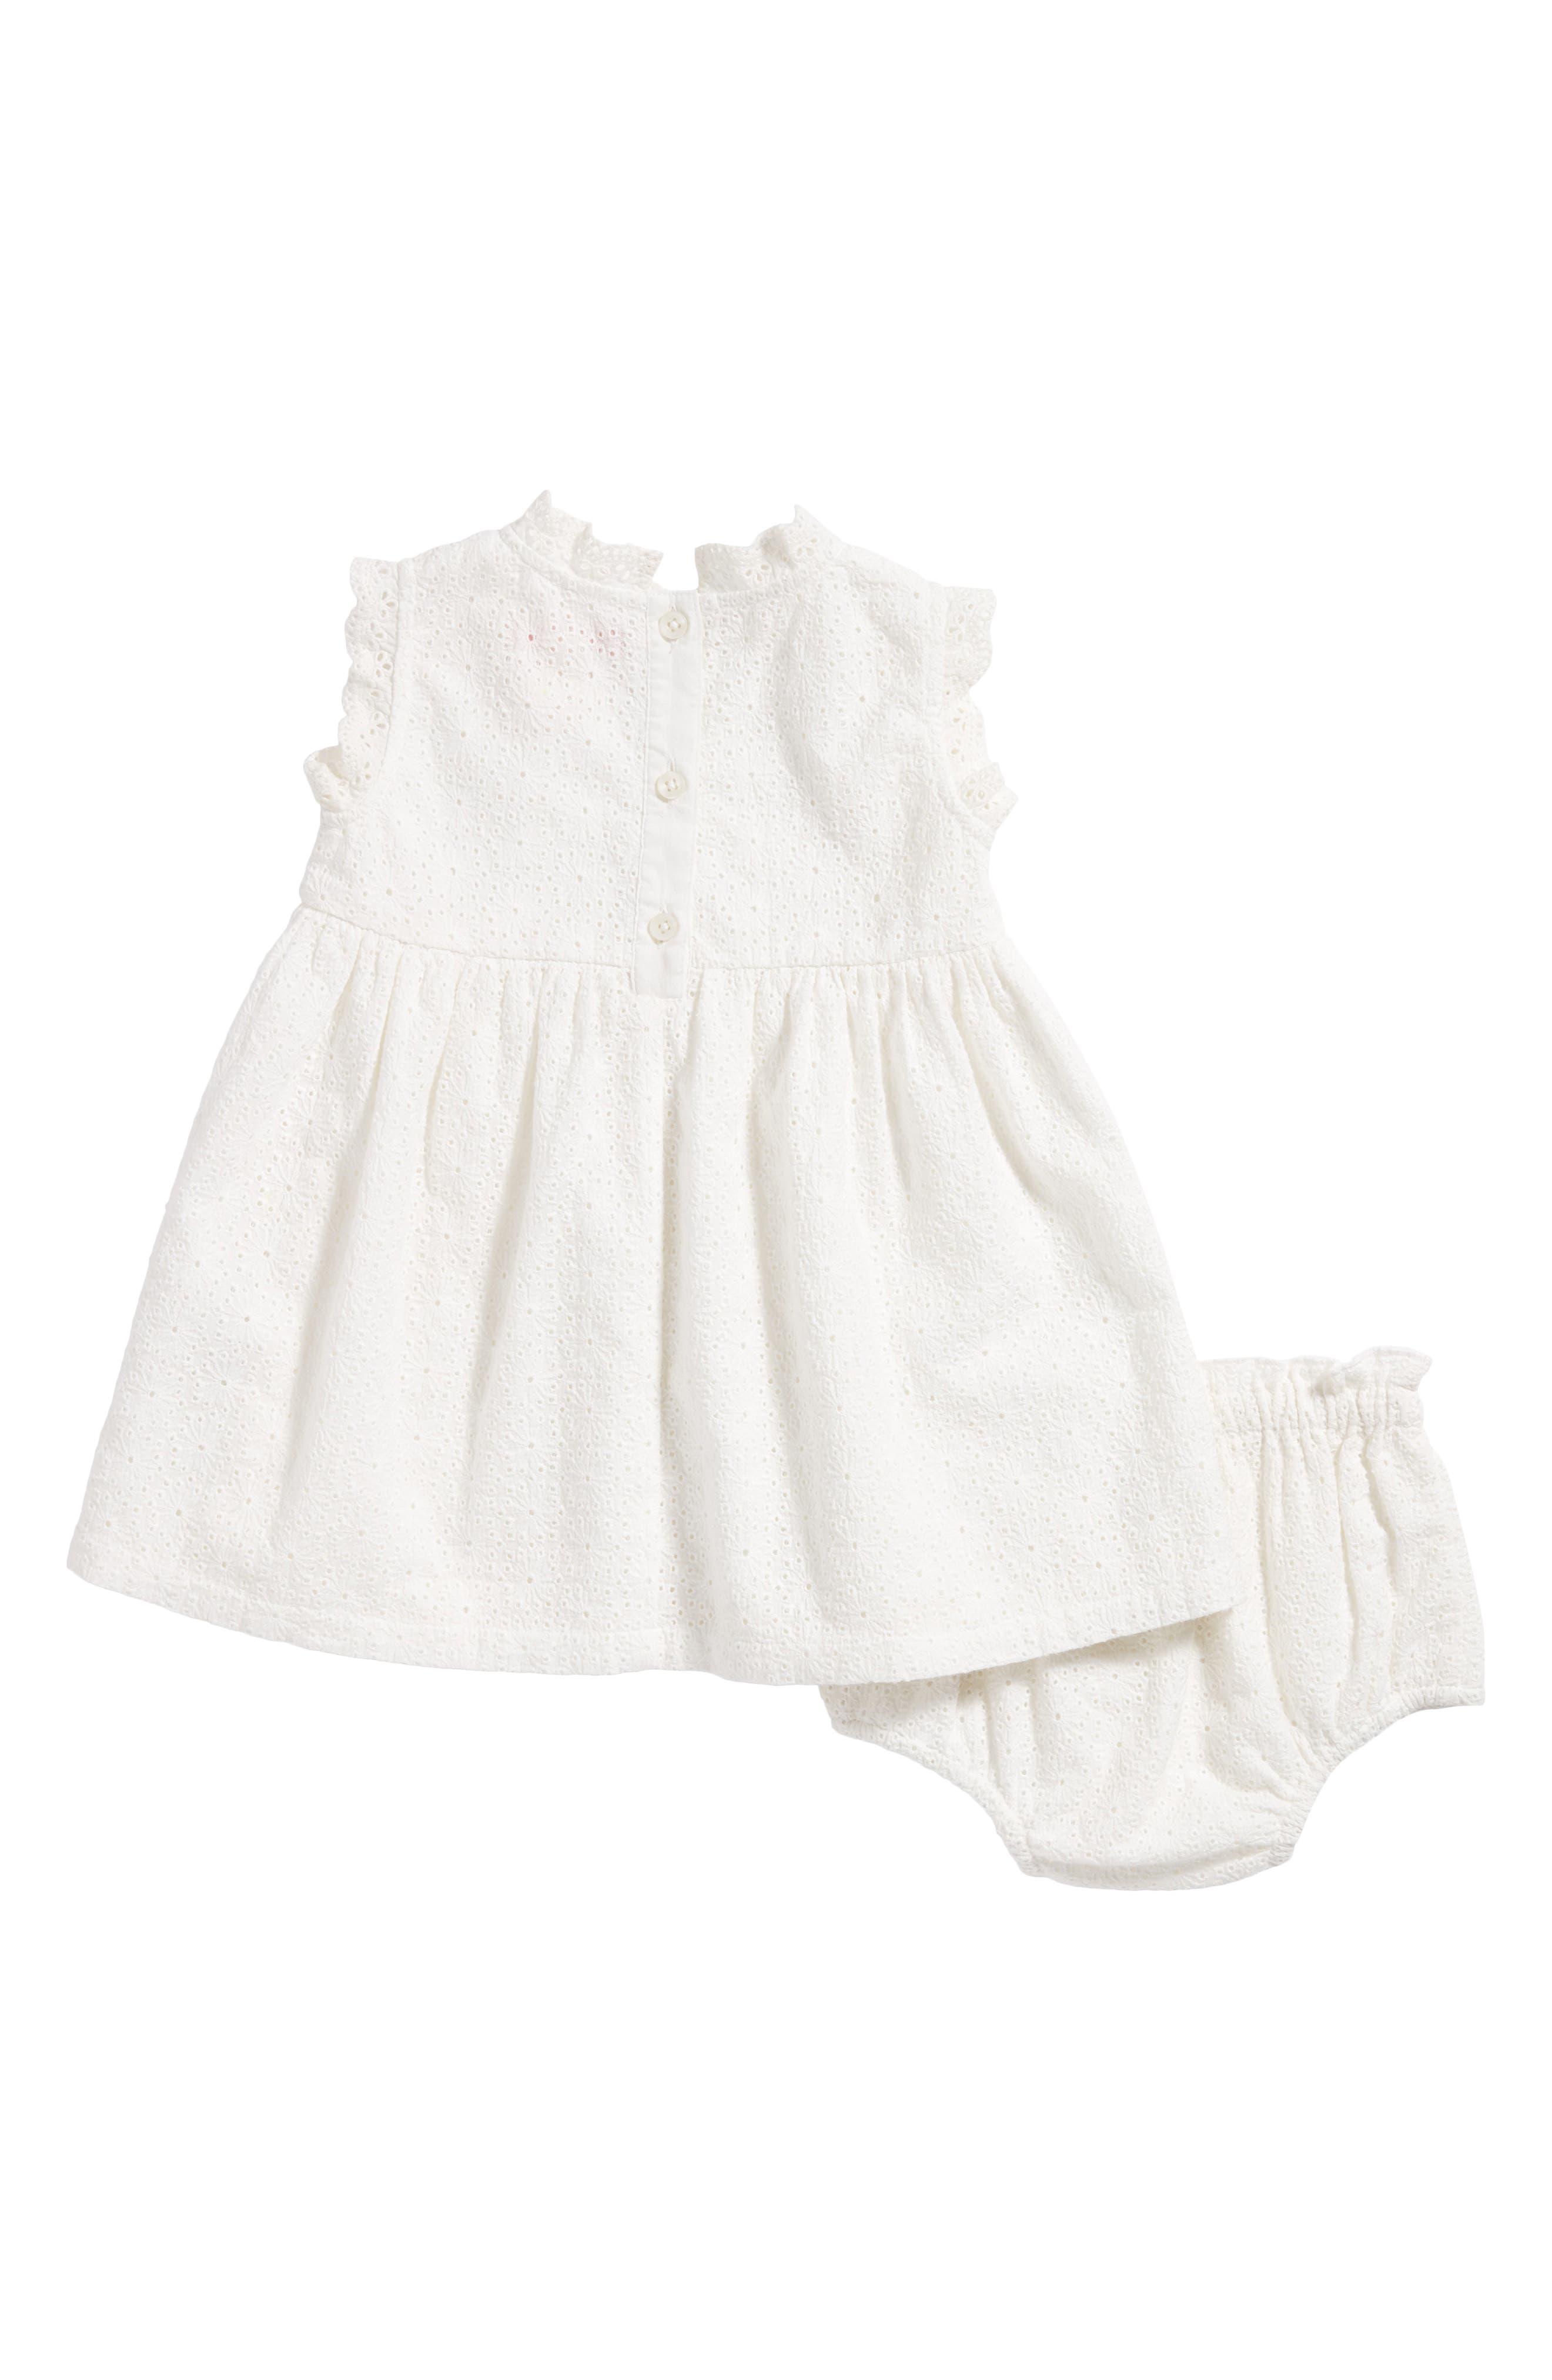 Lace Dress,                             Alternate thumbnail 2, color,                             100